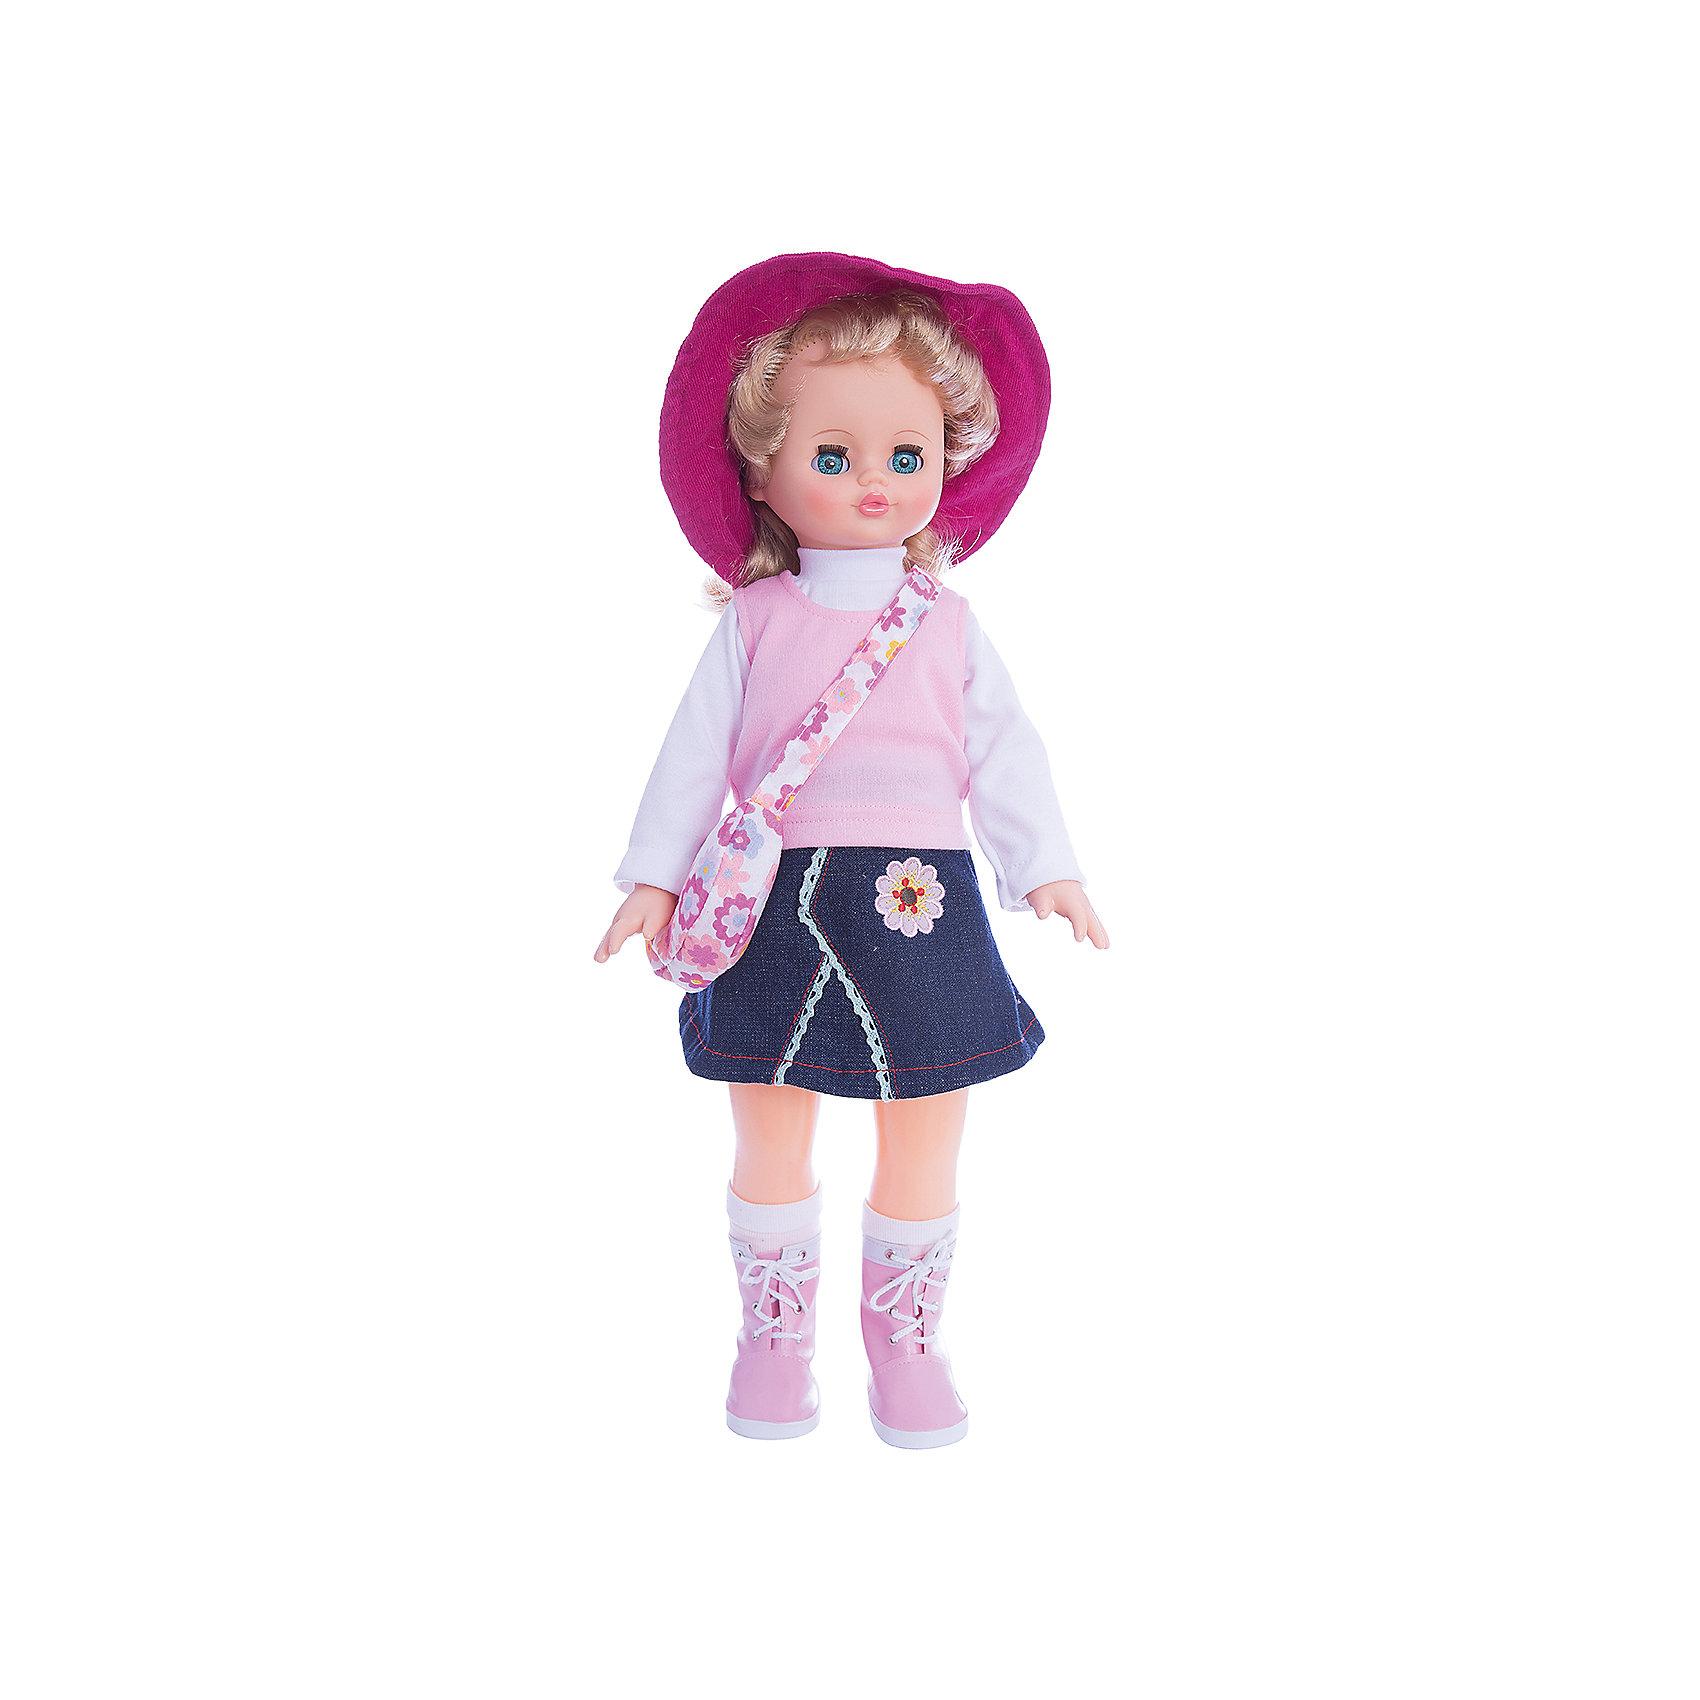 Кукла Алиса, со звуком, 55 см, ВеснаМодно одетая красивая кукла от отечественного производителя способна не просто помочь ребенку весело проводить время, но и научить девочку одеваться со вкусом. На ней - модный костюм со шляпкой, обувь, всё можно снимать и надевать.<br>Кукла произносит несколько фраз, механизм работает от батареек. Очень красиво смотрятся пышные волосы, на которых можно делать прически. Сделана игрушка из качественных и безопасных для ребенка материалов. Такая кукла поможет ребенку освоить механизмы социальных взаимодействий, развить моторику и воображение. Также куклы помогают девочкам научиться заботиться о других.<br><br>Дополнительная информация:<br><br>- материал: пластмасса;<br>- волосы: прошивные;<br>- открывающиеся глаза;<br>- звуковой модуль;<br>- снимающаяся одежда и обувь;<br>- высота: 55 см.<br><br>Комплектация:<br><br>- одежда;<br>- три батарейки СЦ 357.<br><br>Куклу Алиса, со звуком, от марки Весна можно купить в нашем магазине.<br><br>Ширина мм: 240<br>Глубина мм: 150<br>Высота мм: 590<br>Вес г: 900<br>Возраст от месяцев: 36<br>Возраст до месяцев: 1188<br>Пол: Женский<br>Возраст: Детский<br>SKU: 4701863